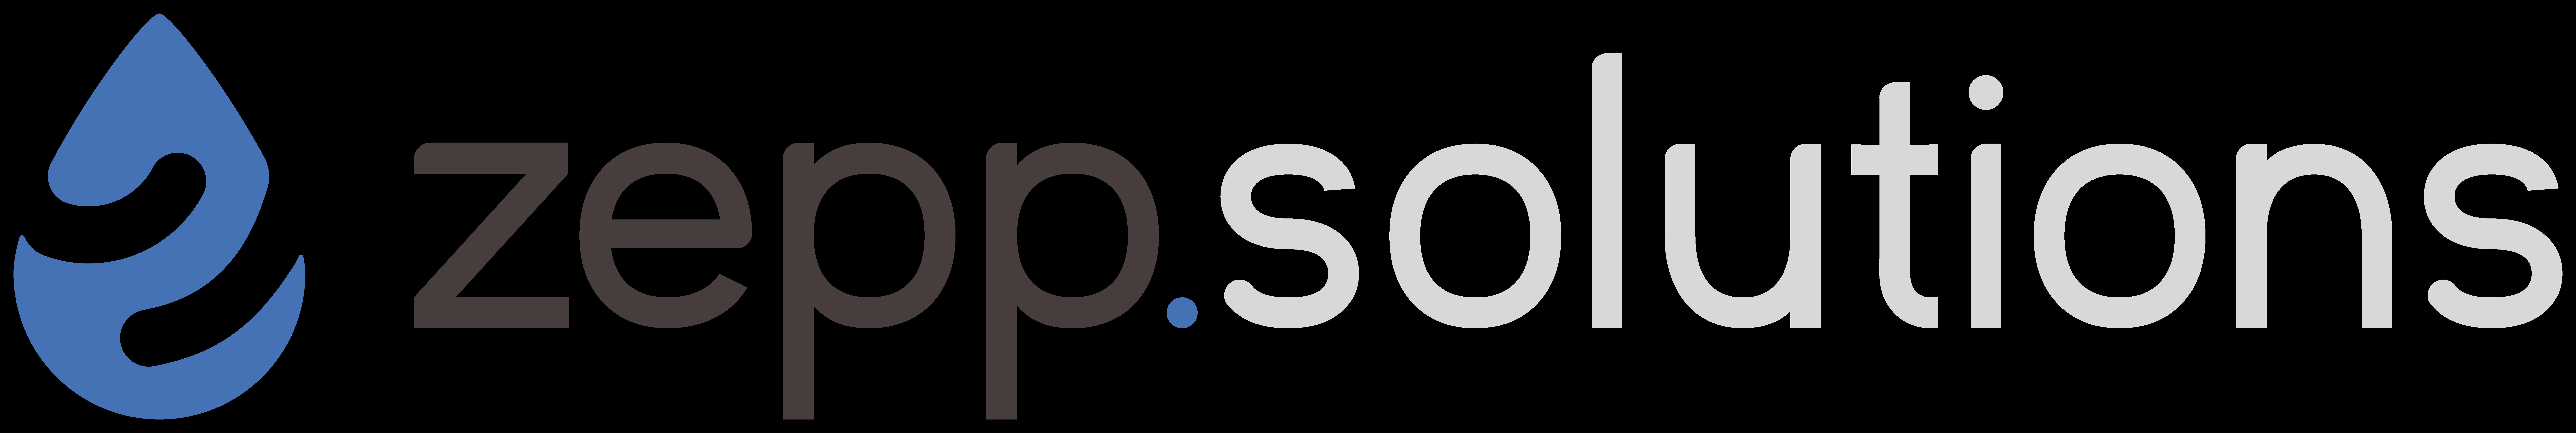 zepp logo